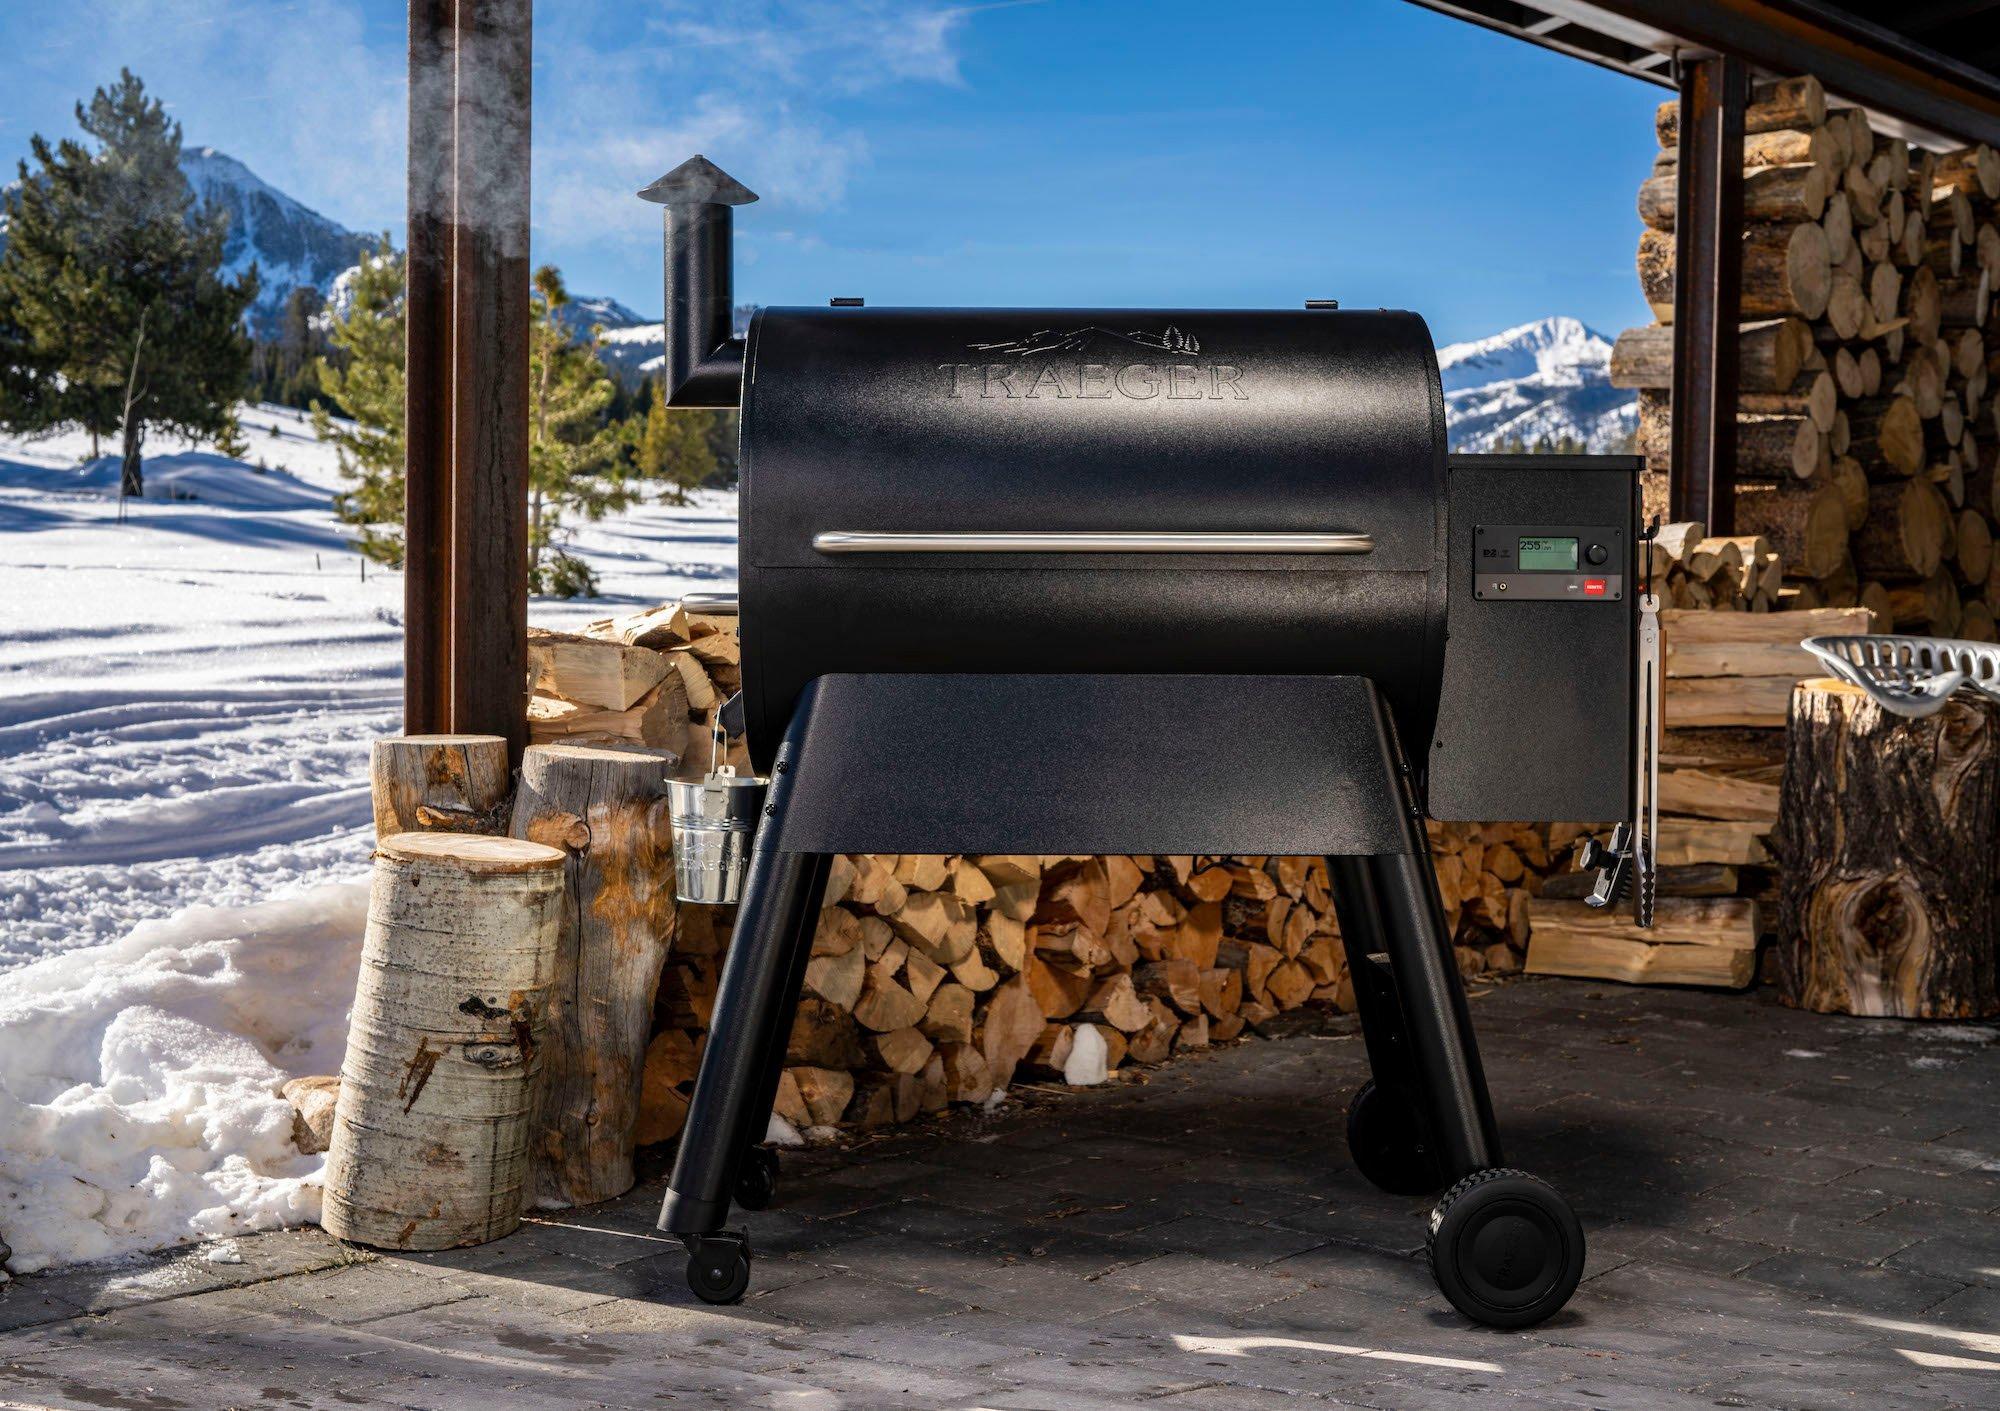 Traeger Pro Series 780 Pellet Grill